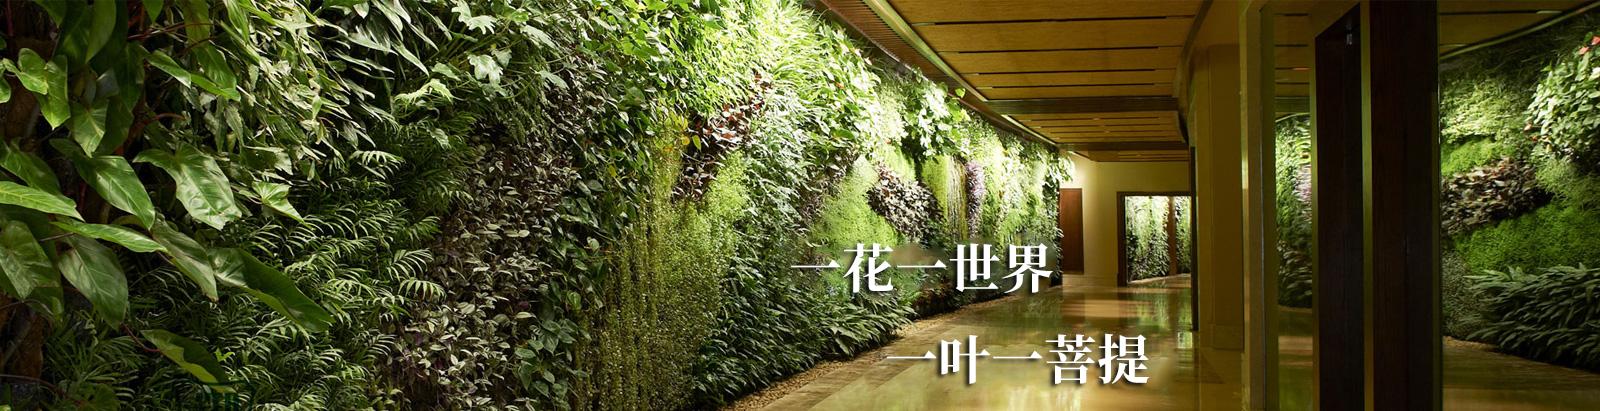 无锡植物墙